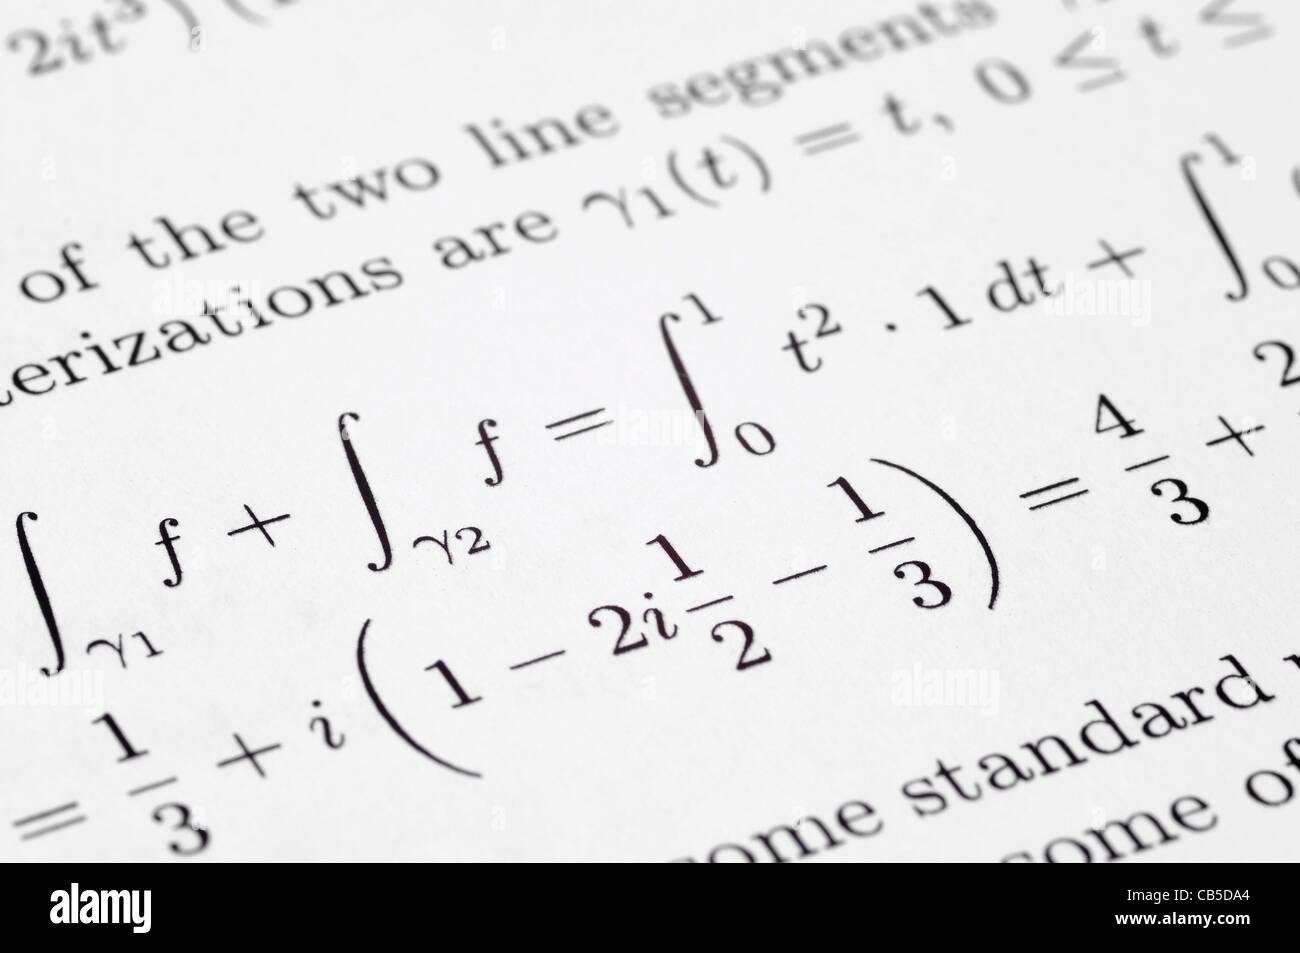 Las ecuaciones matemáticas en un papel de escuela Imagen De Stock